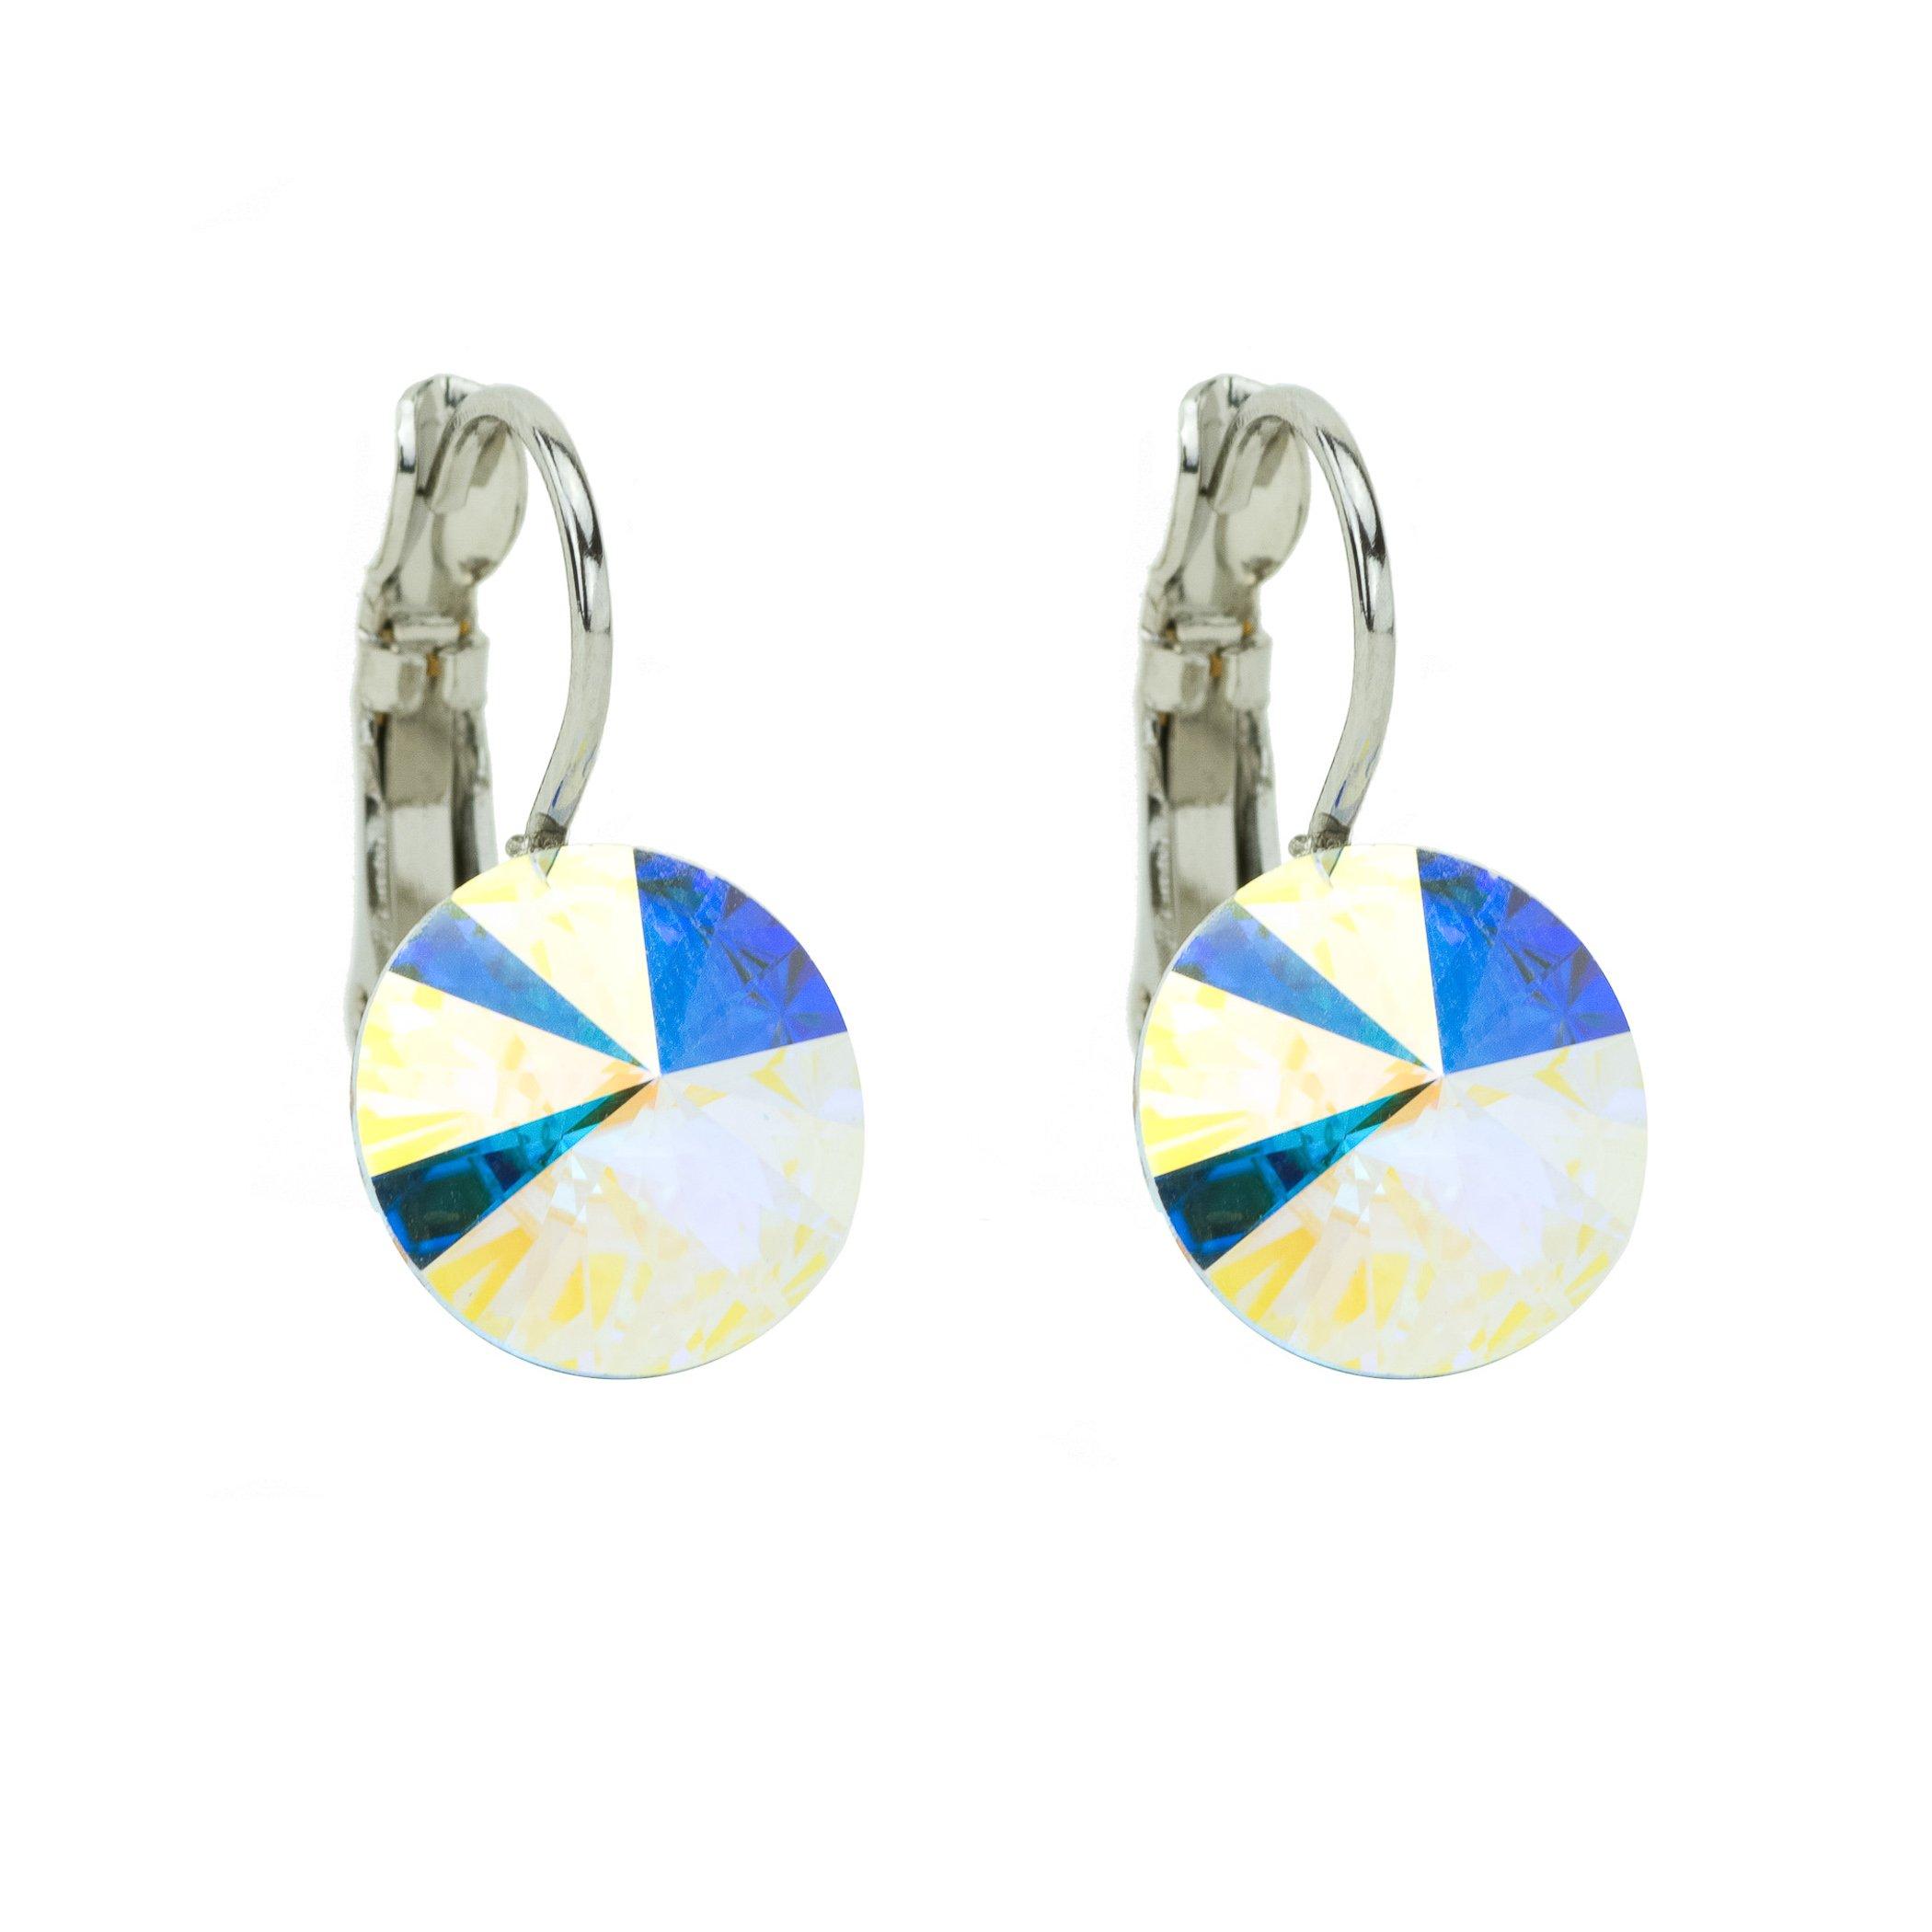 Eve S jewelry orecchini da donna con Swarovski Elements Crystal AB (10mm) placcati argento rodiato